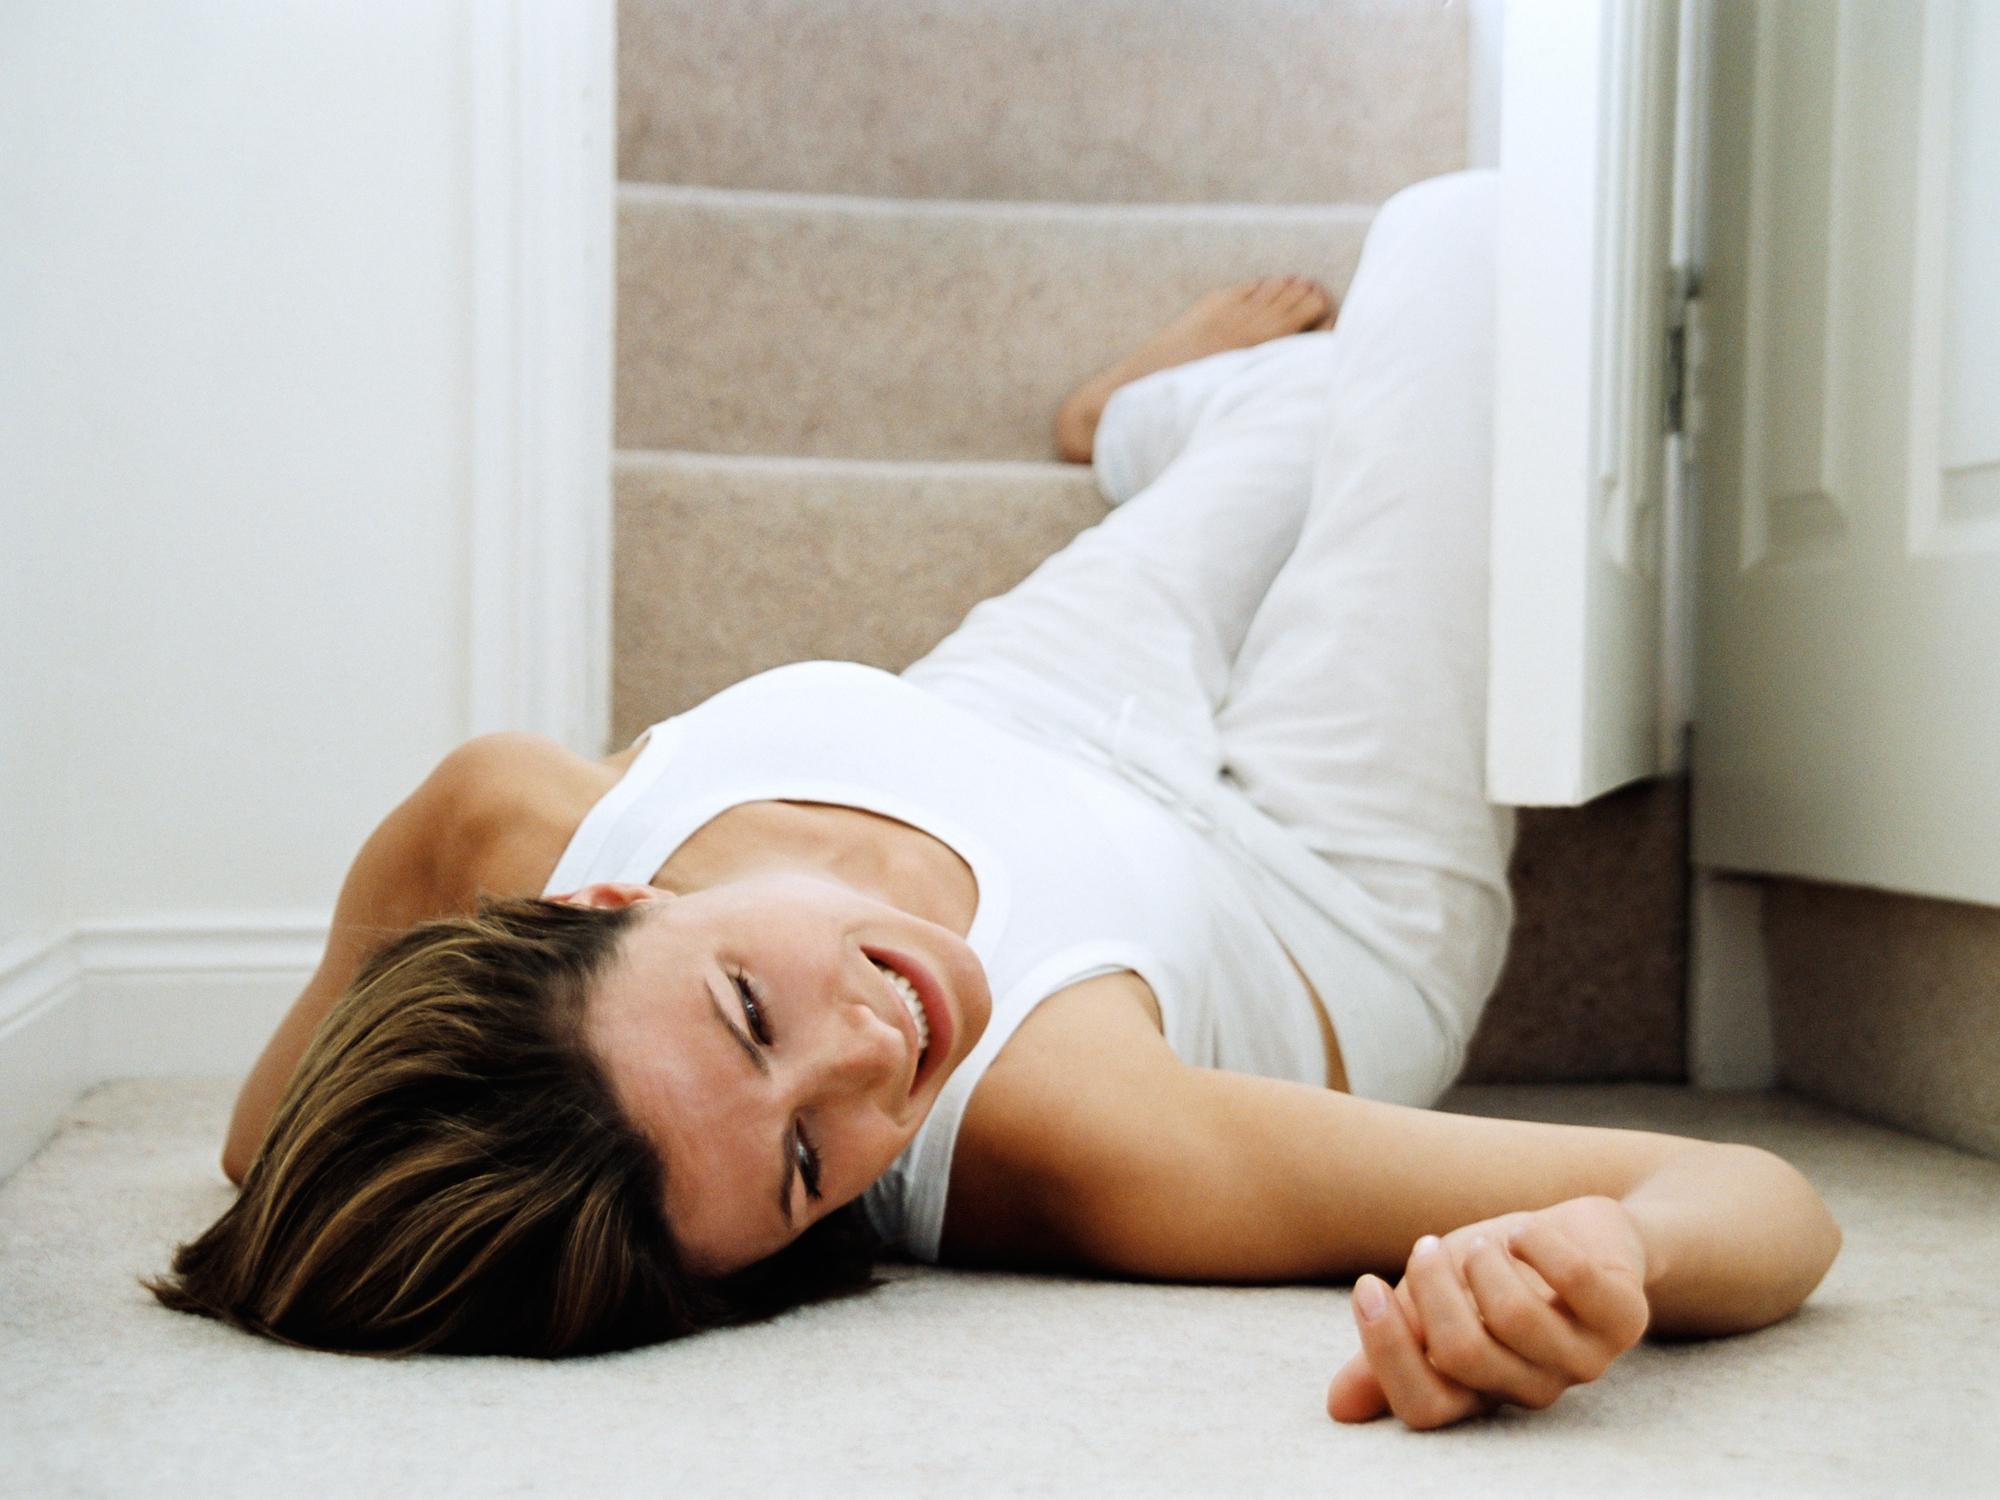 Конвульсии - причины, симптомы, диагностика и лечение судорожных сокращений мышц